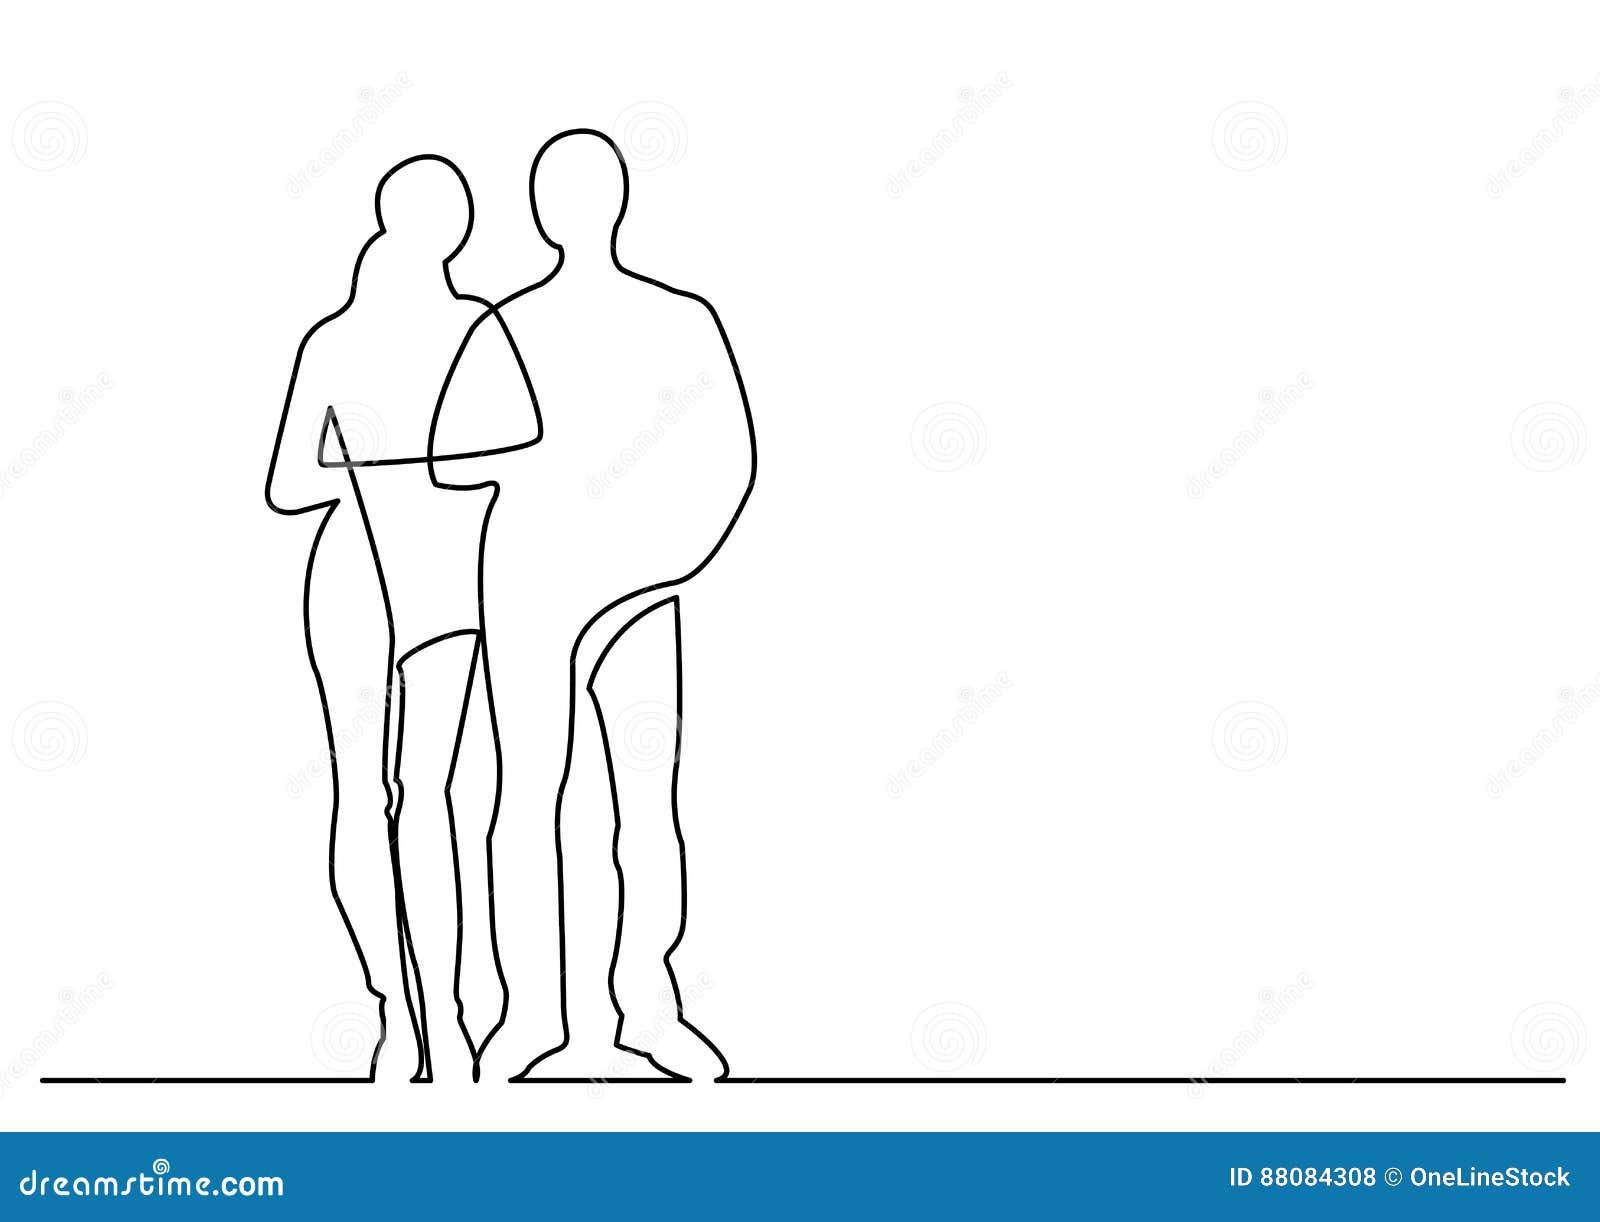 Dessin Au Trait Continu De La Jeune Position De Couples